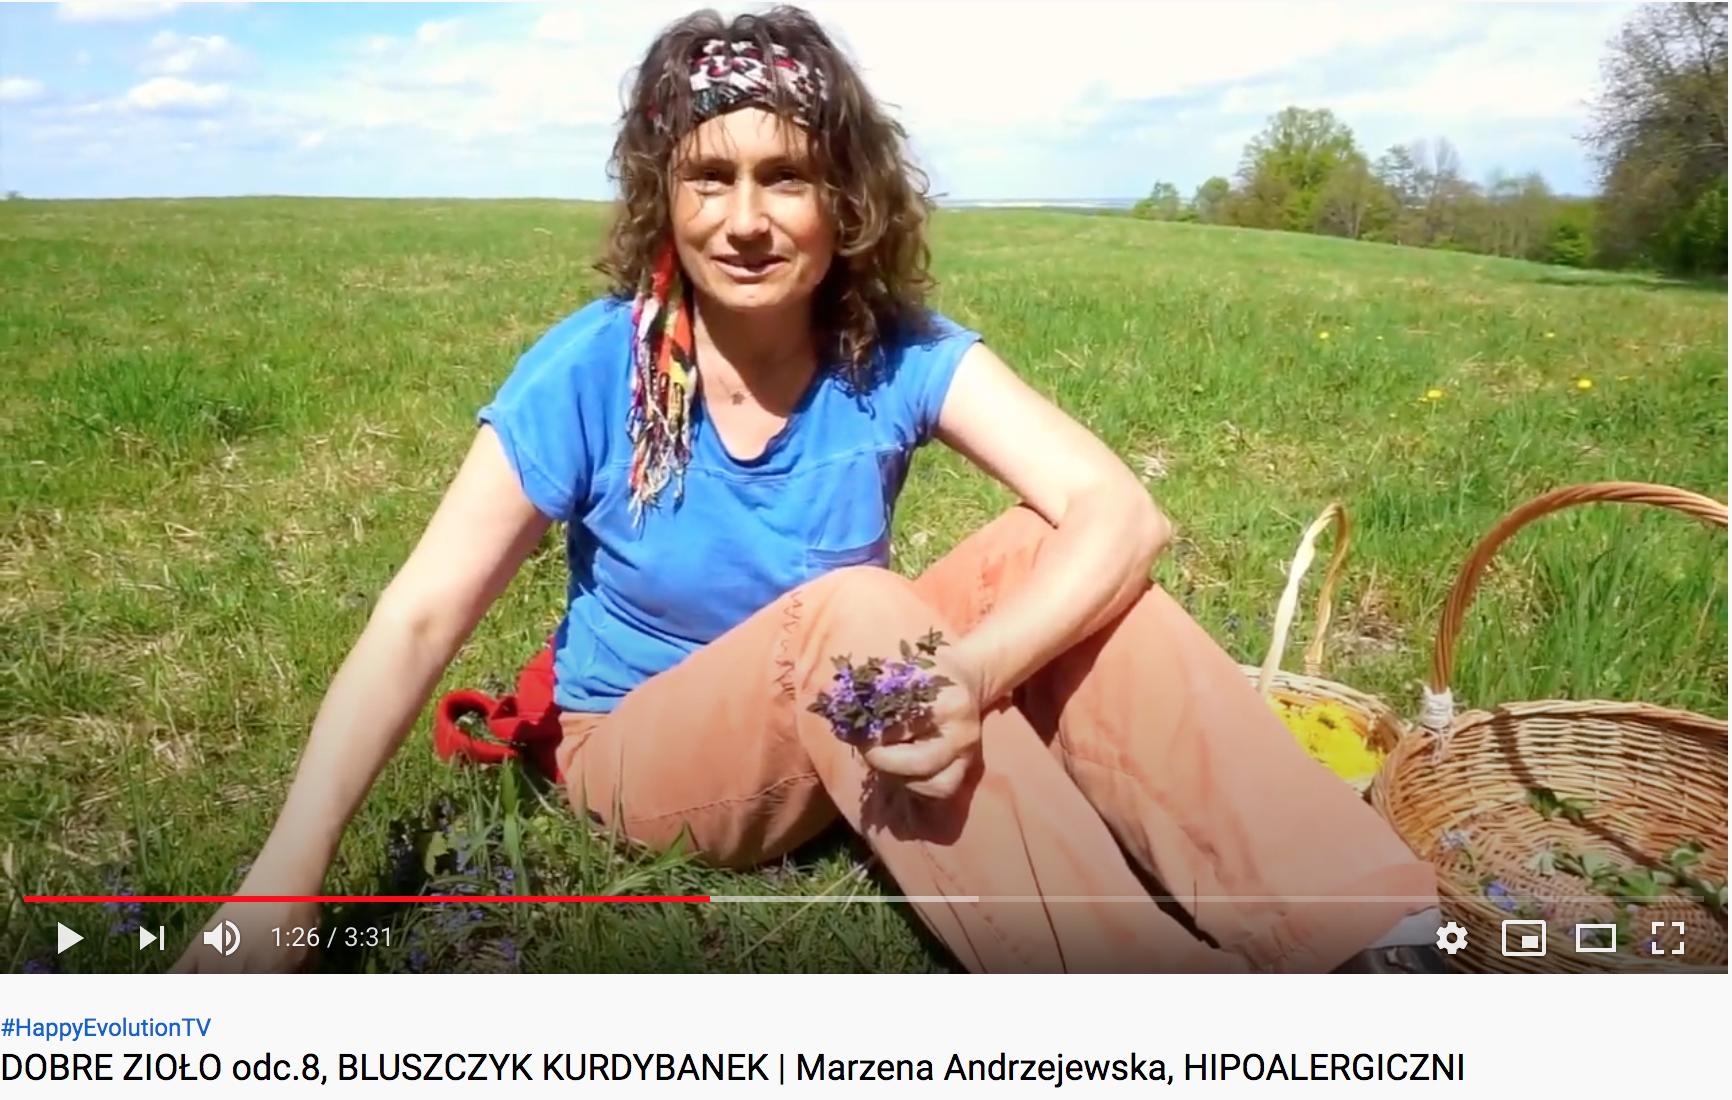 hipoalergiczni-dobre-ziolo-marzena-andrzejewska-film